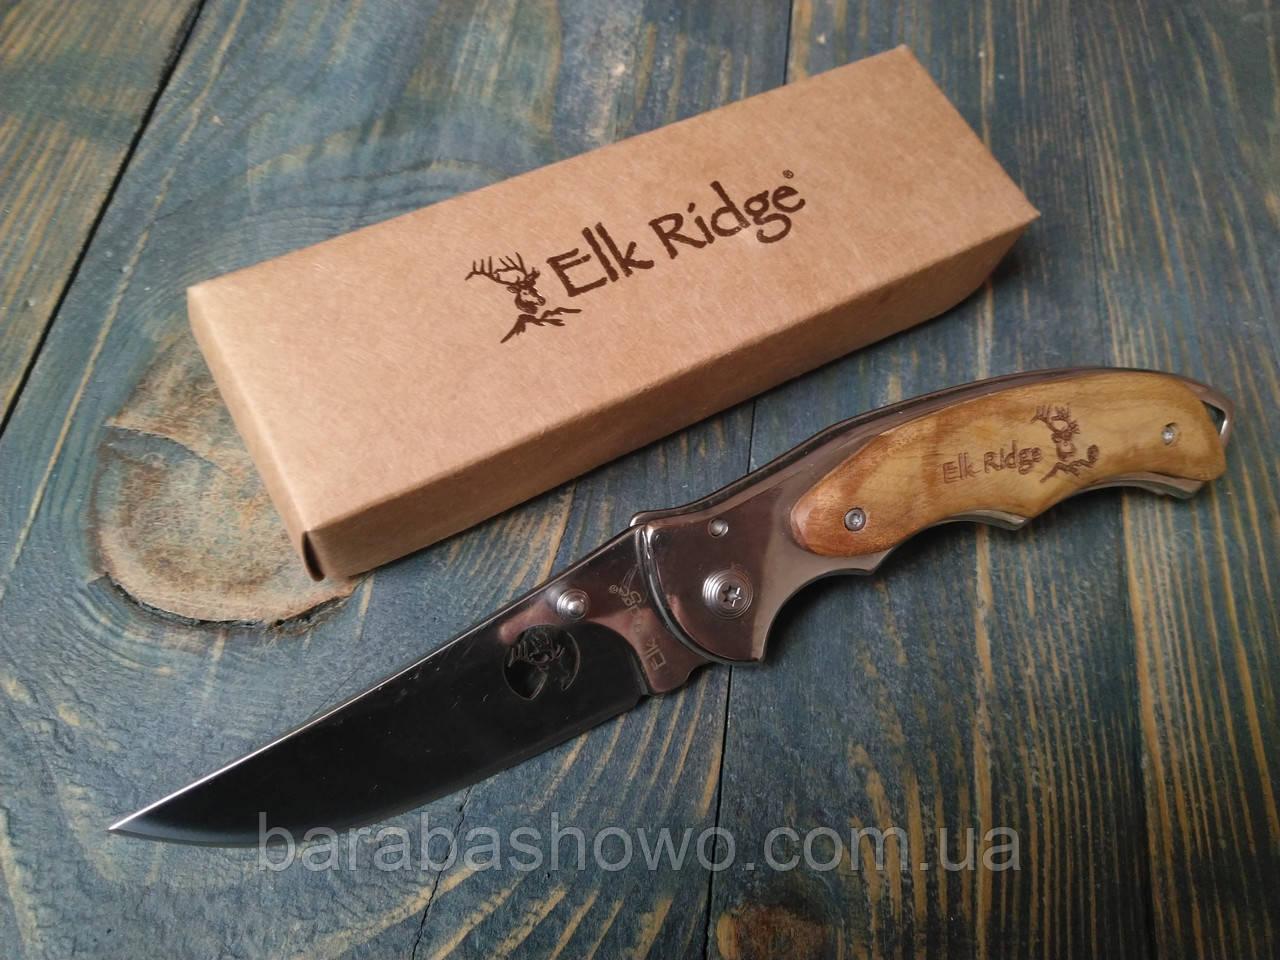 Нож складной Elk Ridge ER-519 Фирменный